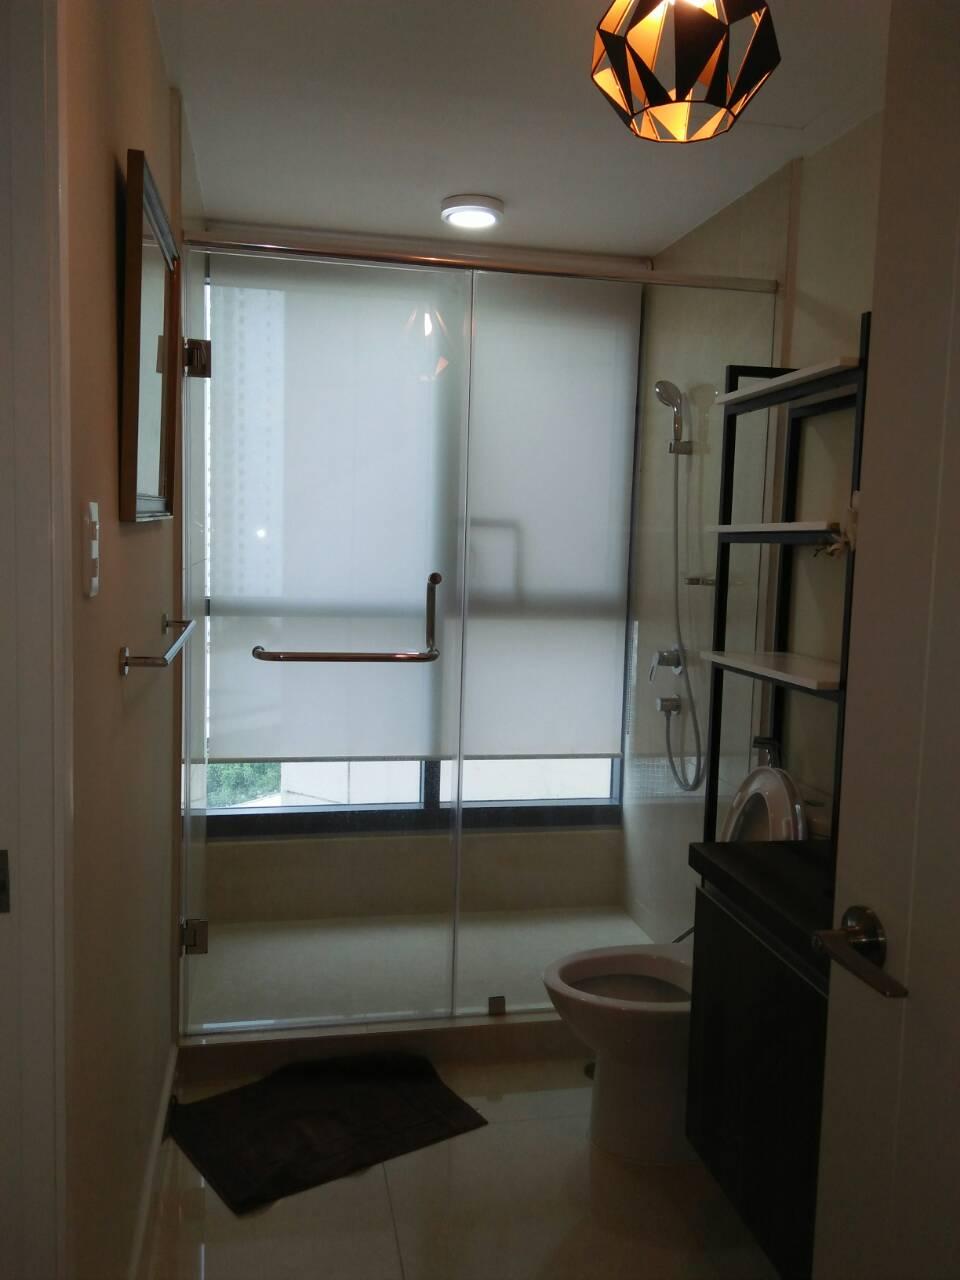 2 Bedrooms Condo, Shang Salcedo Place Bathroom View 1